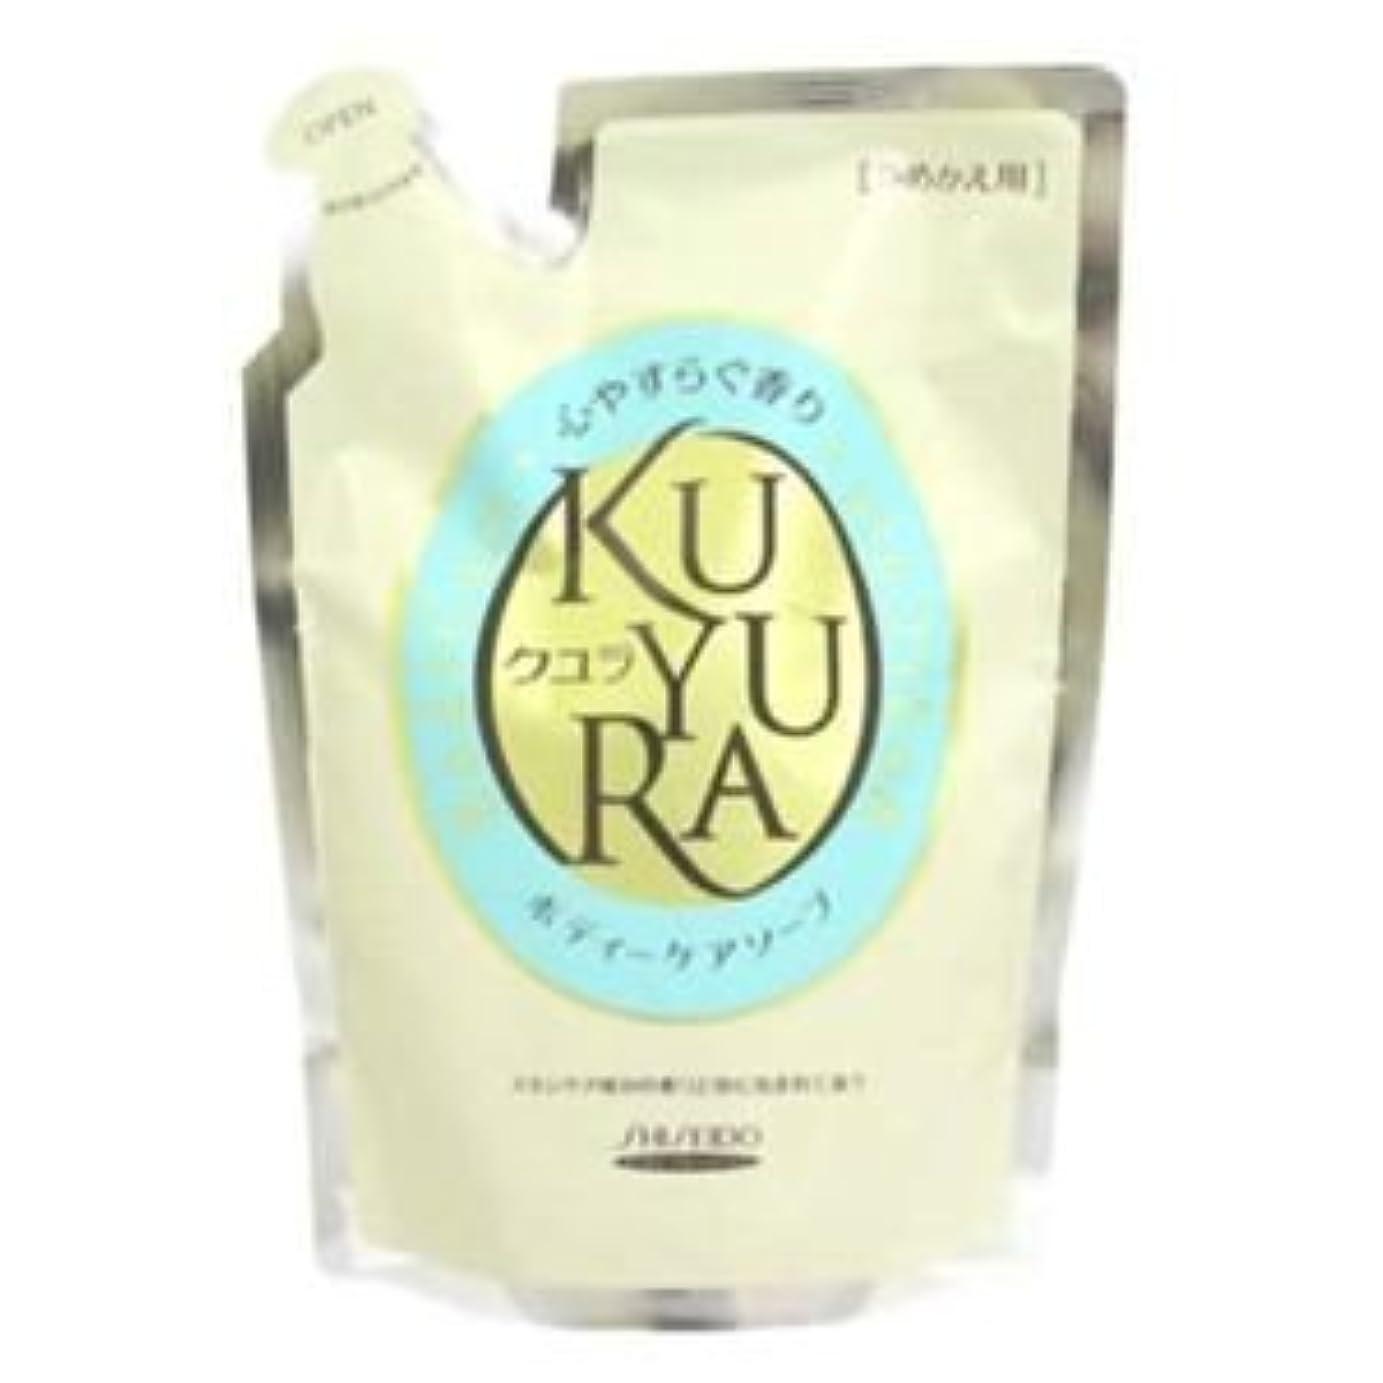 浸透する全員提供されたクユラ ボディケアソープ 心やすらぐ香り つめかえ用400ml 4セット